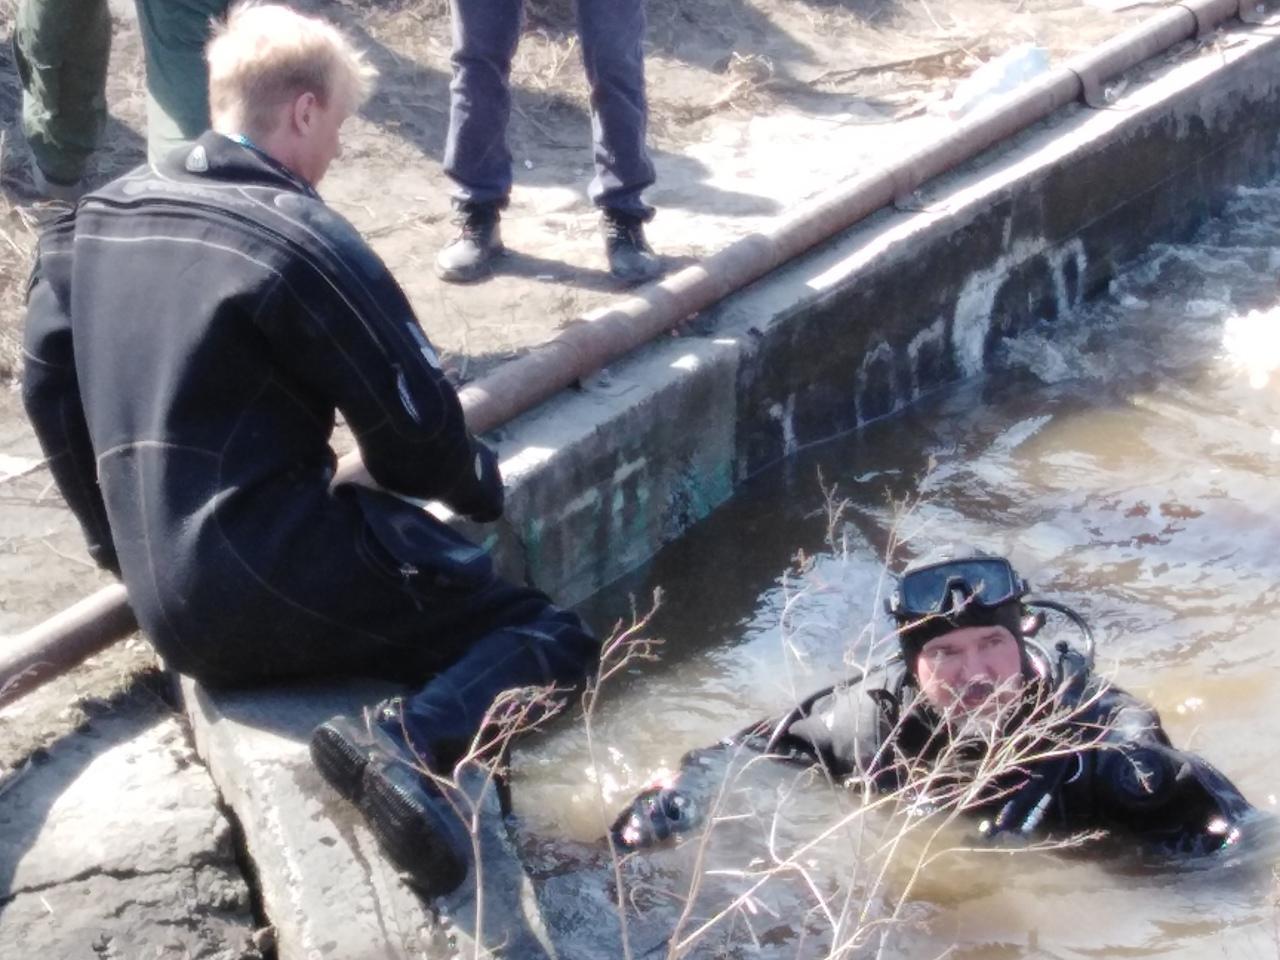 фото Детский ботинок нашли водолазы в месте пропажи 6-летнего мальчика под Новосибирском 3